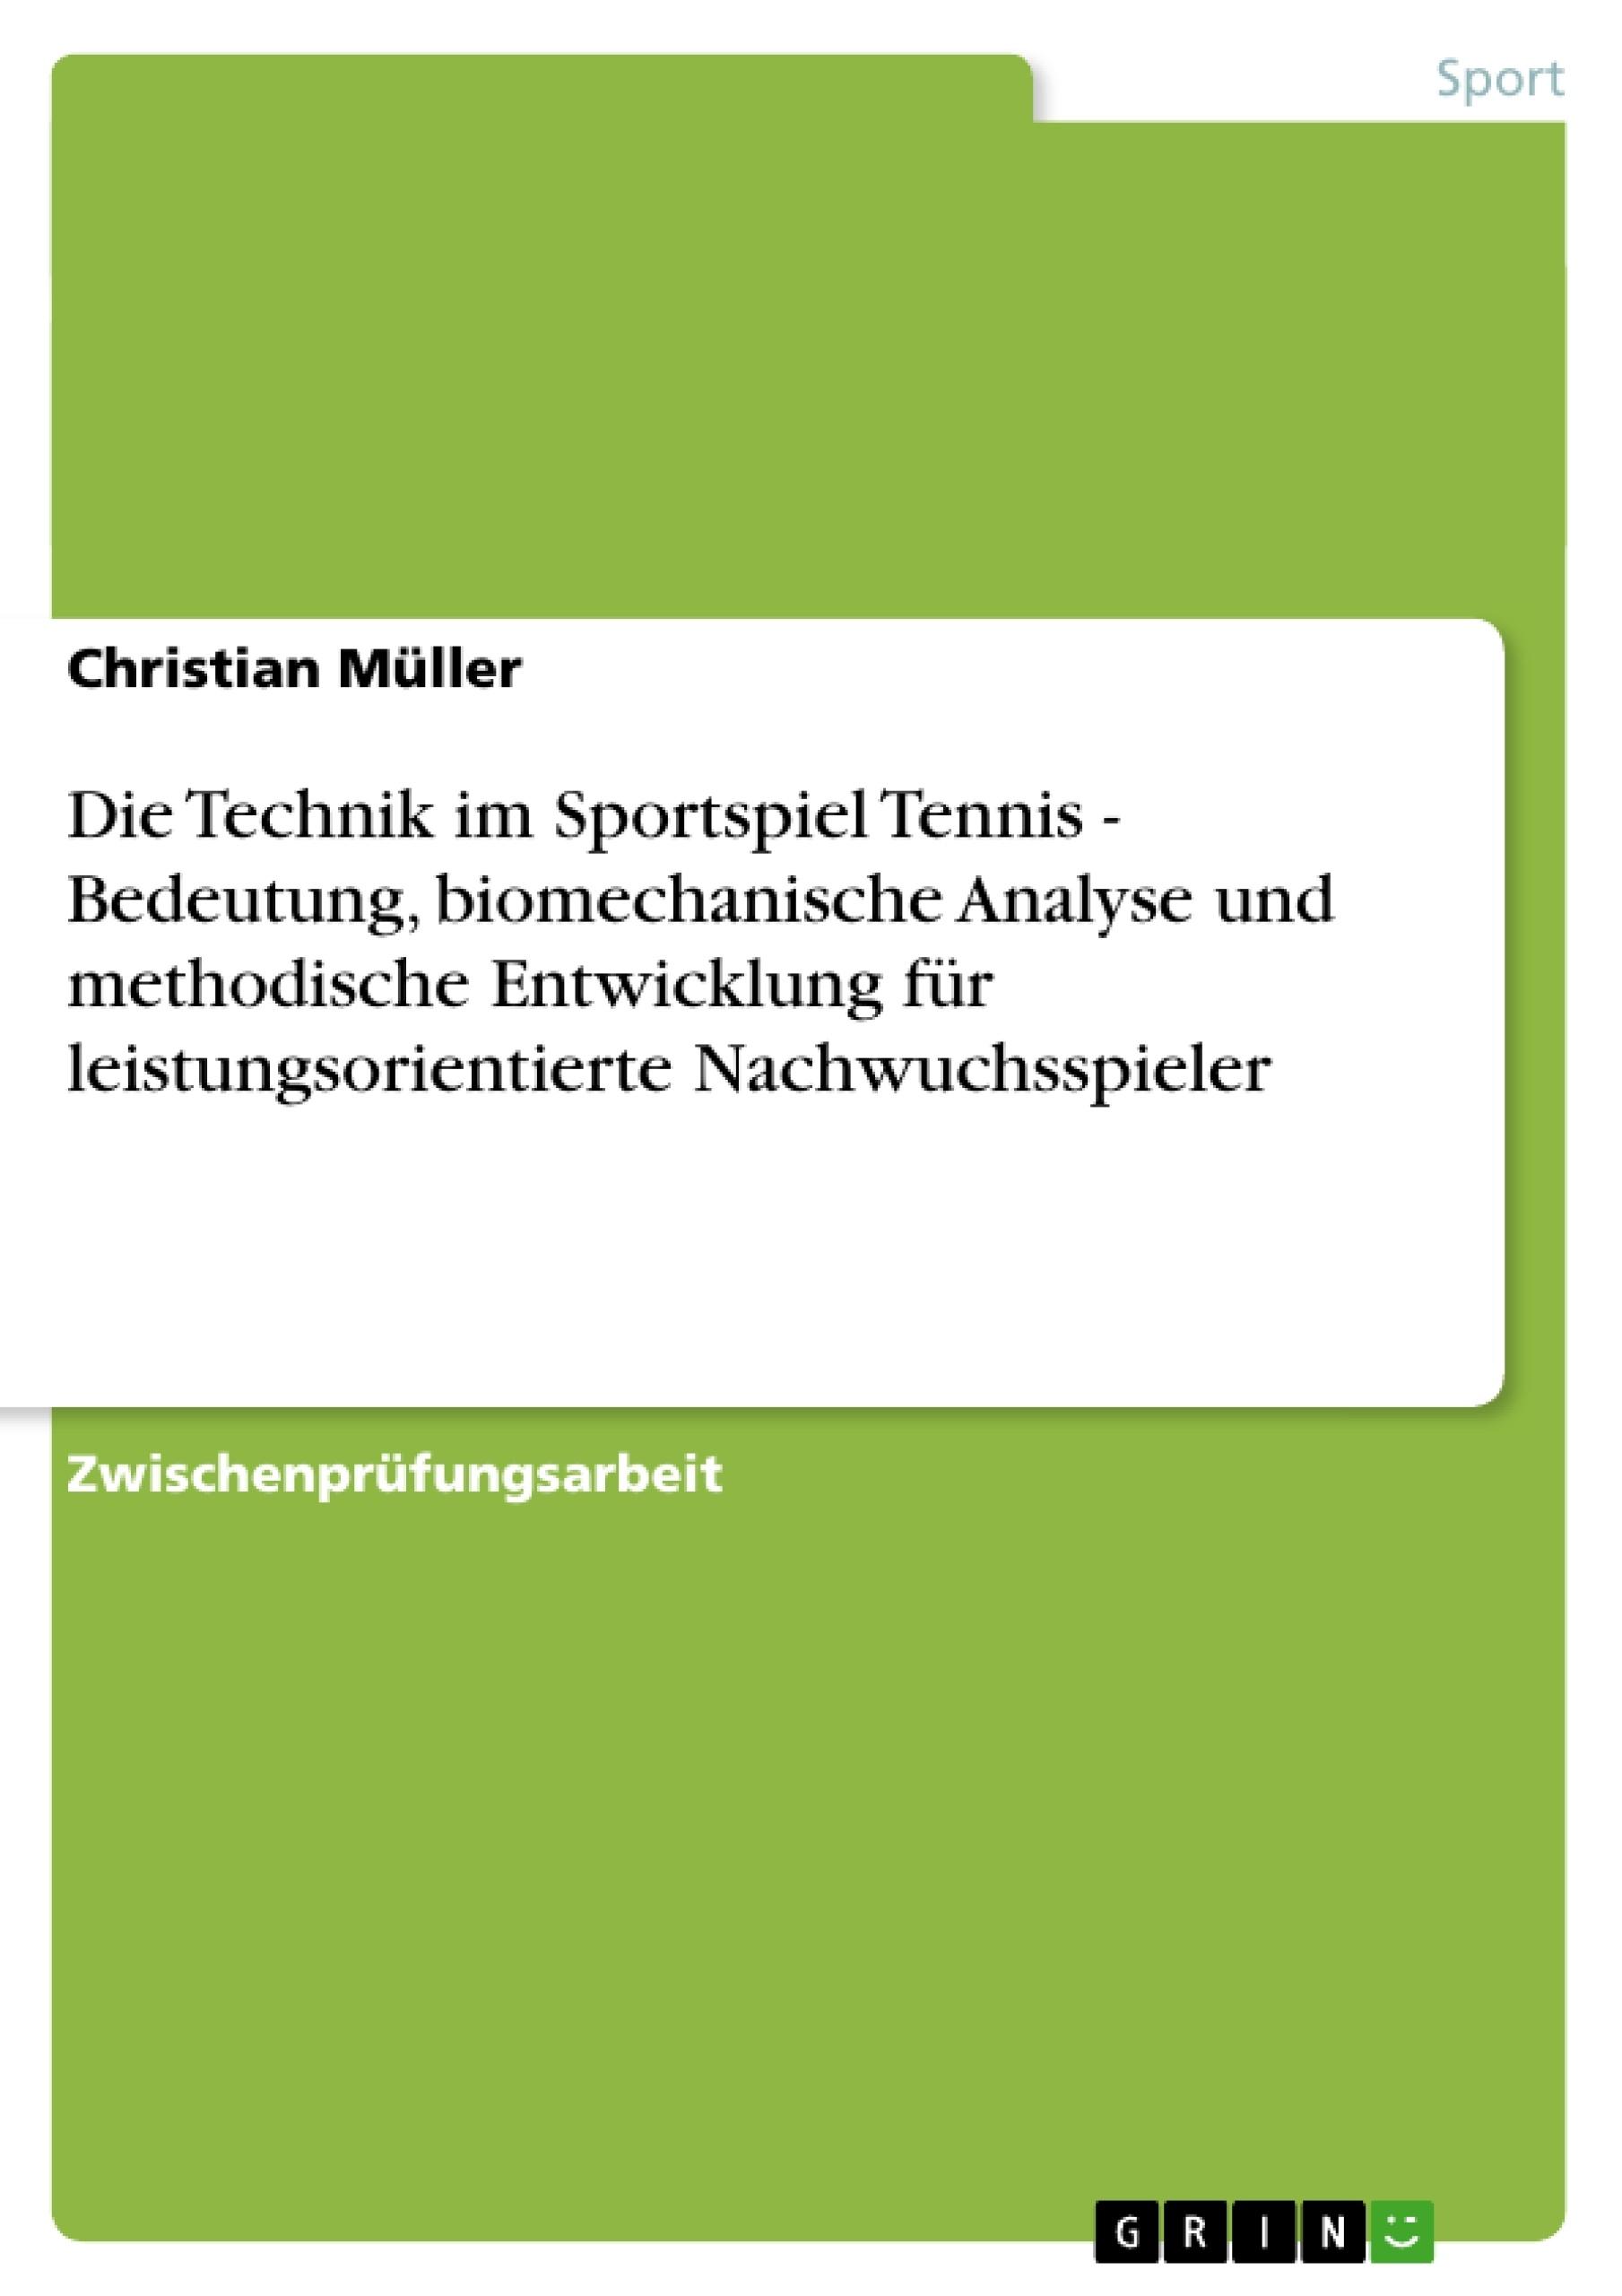 Titel: Die Technik im Sportspiel Tennis - Bedeutung, biomechanische Analyse und methodische Entwicklung für leistungsorientierte Nachwuchsspieler